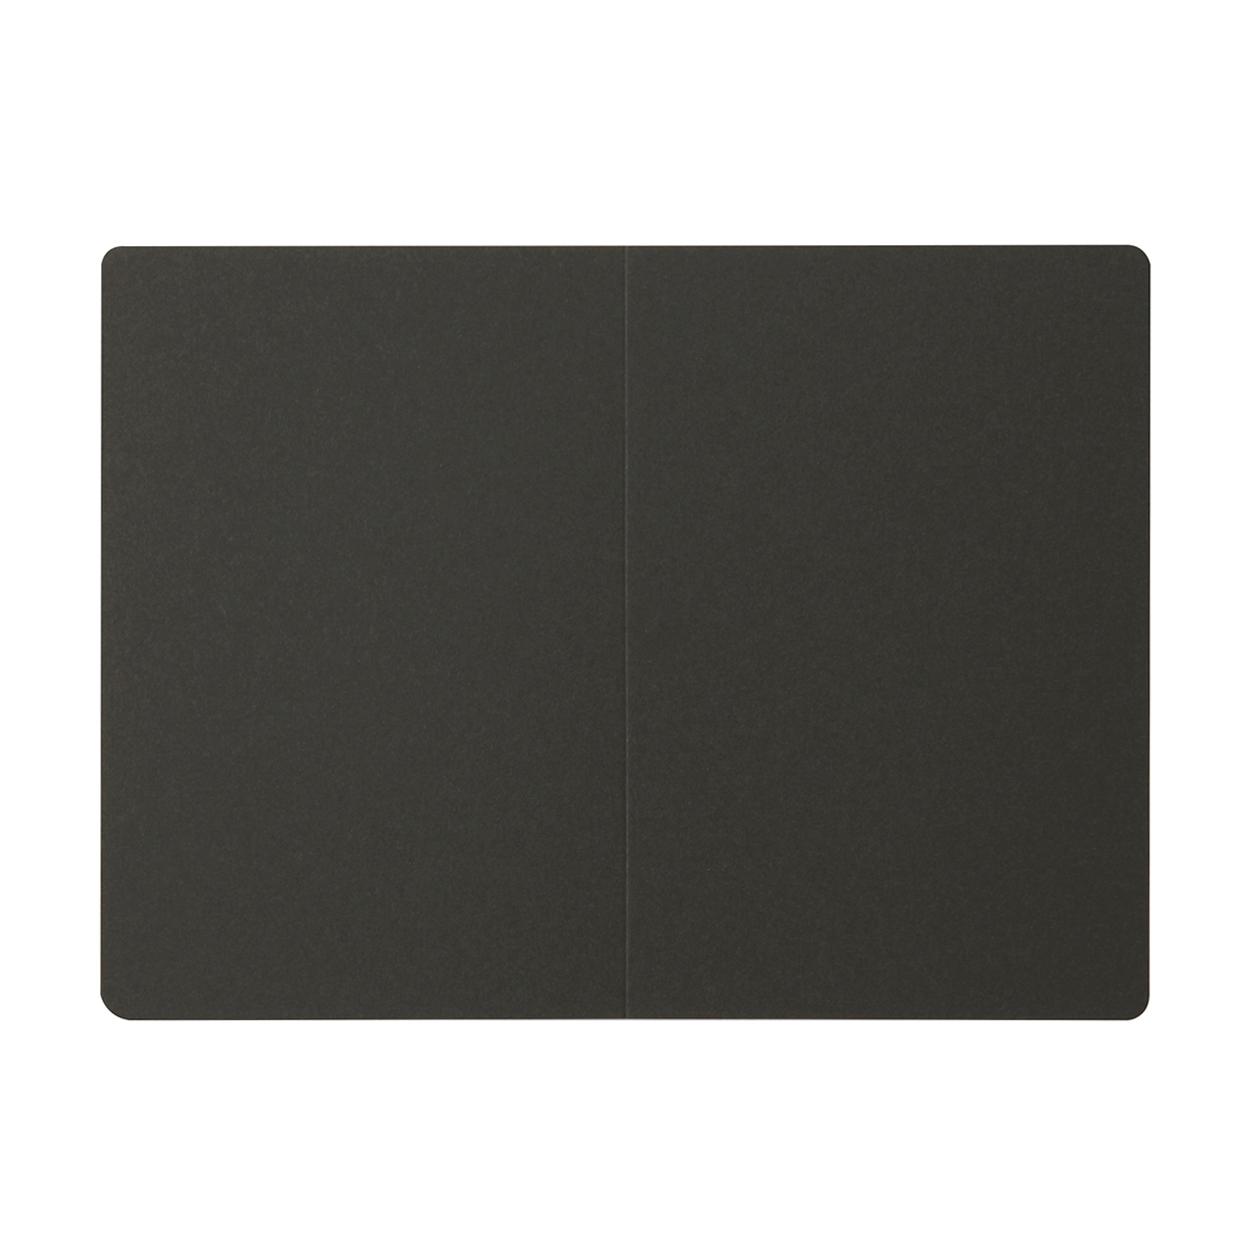 #53VカードR コットン(NTラシャ) 黒 151.2g